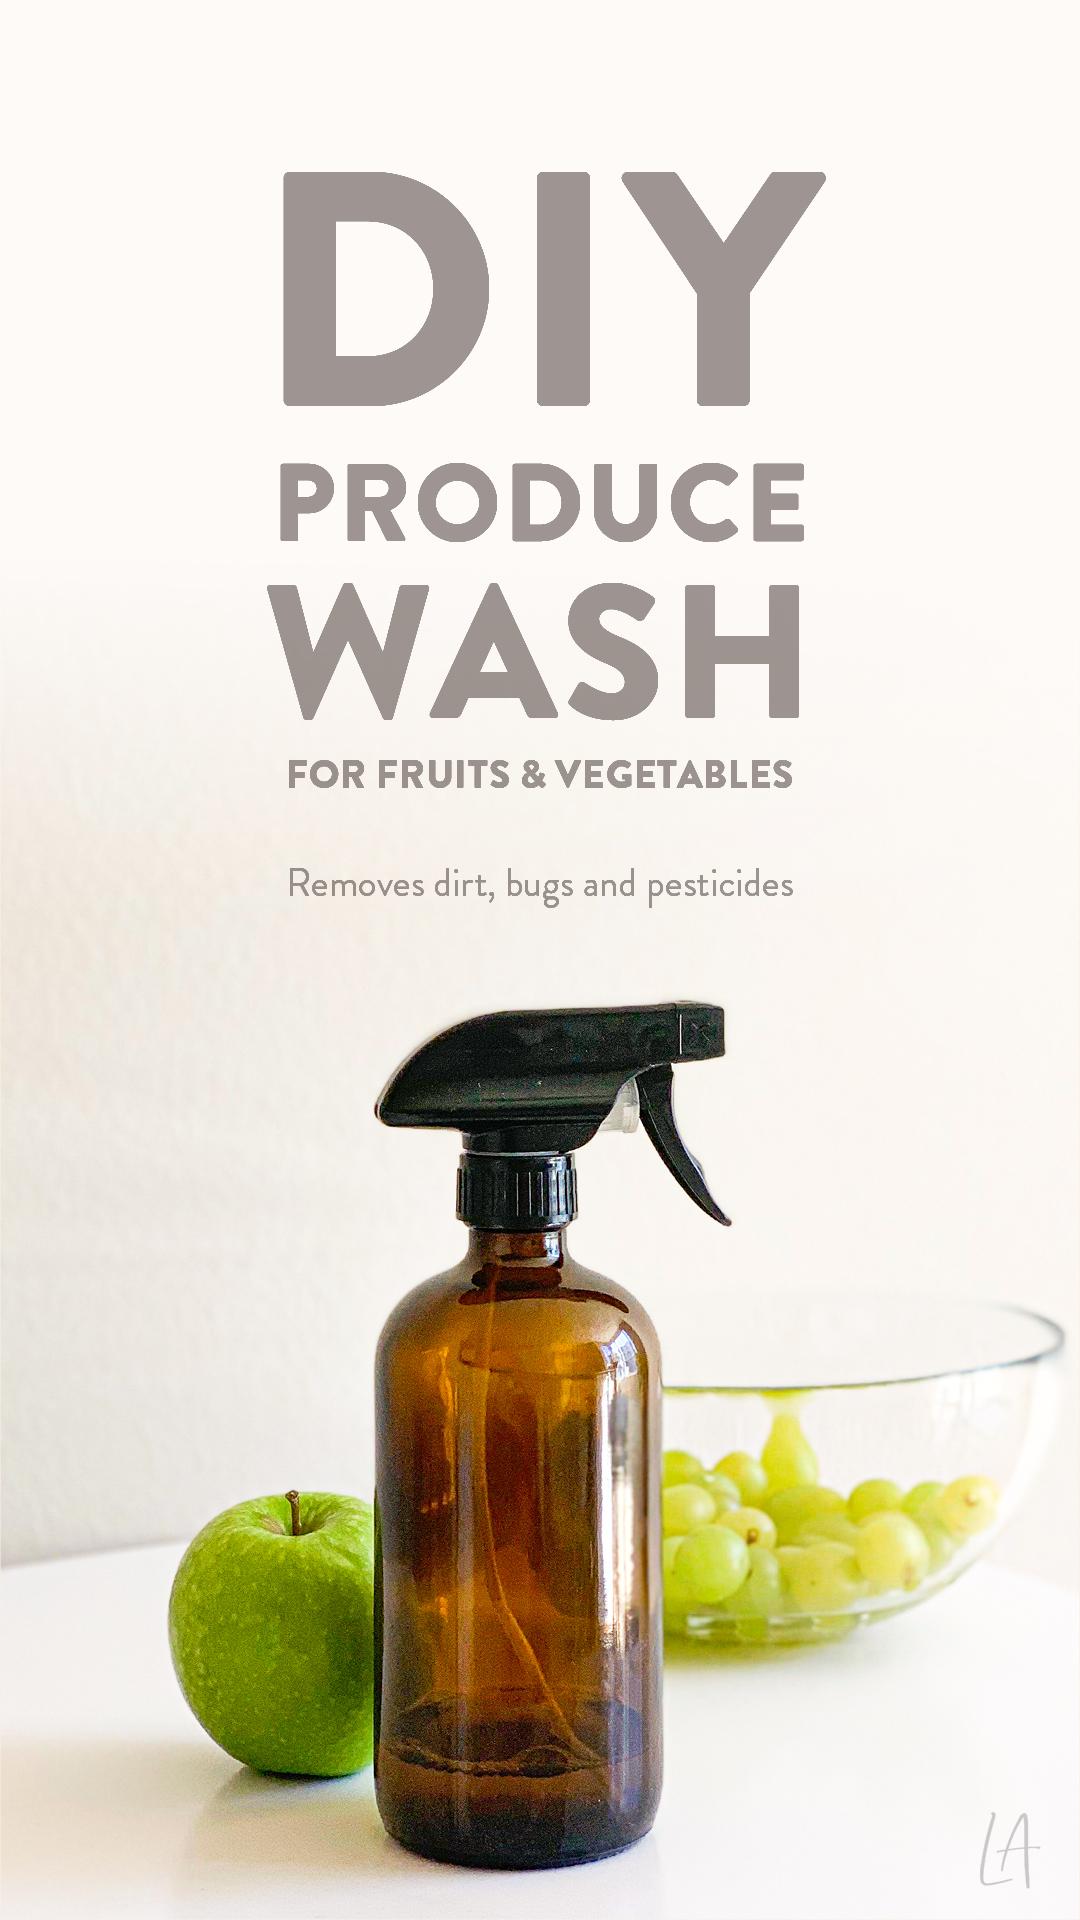 DIY Produce Wash for Fruits & Vegetables